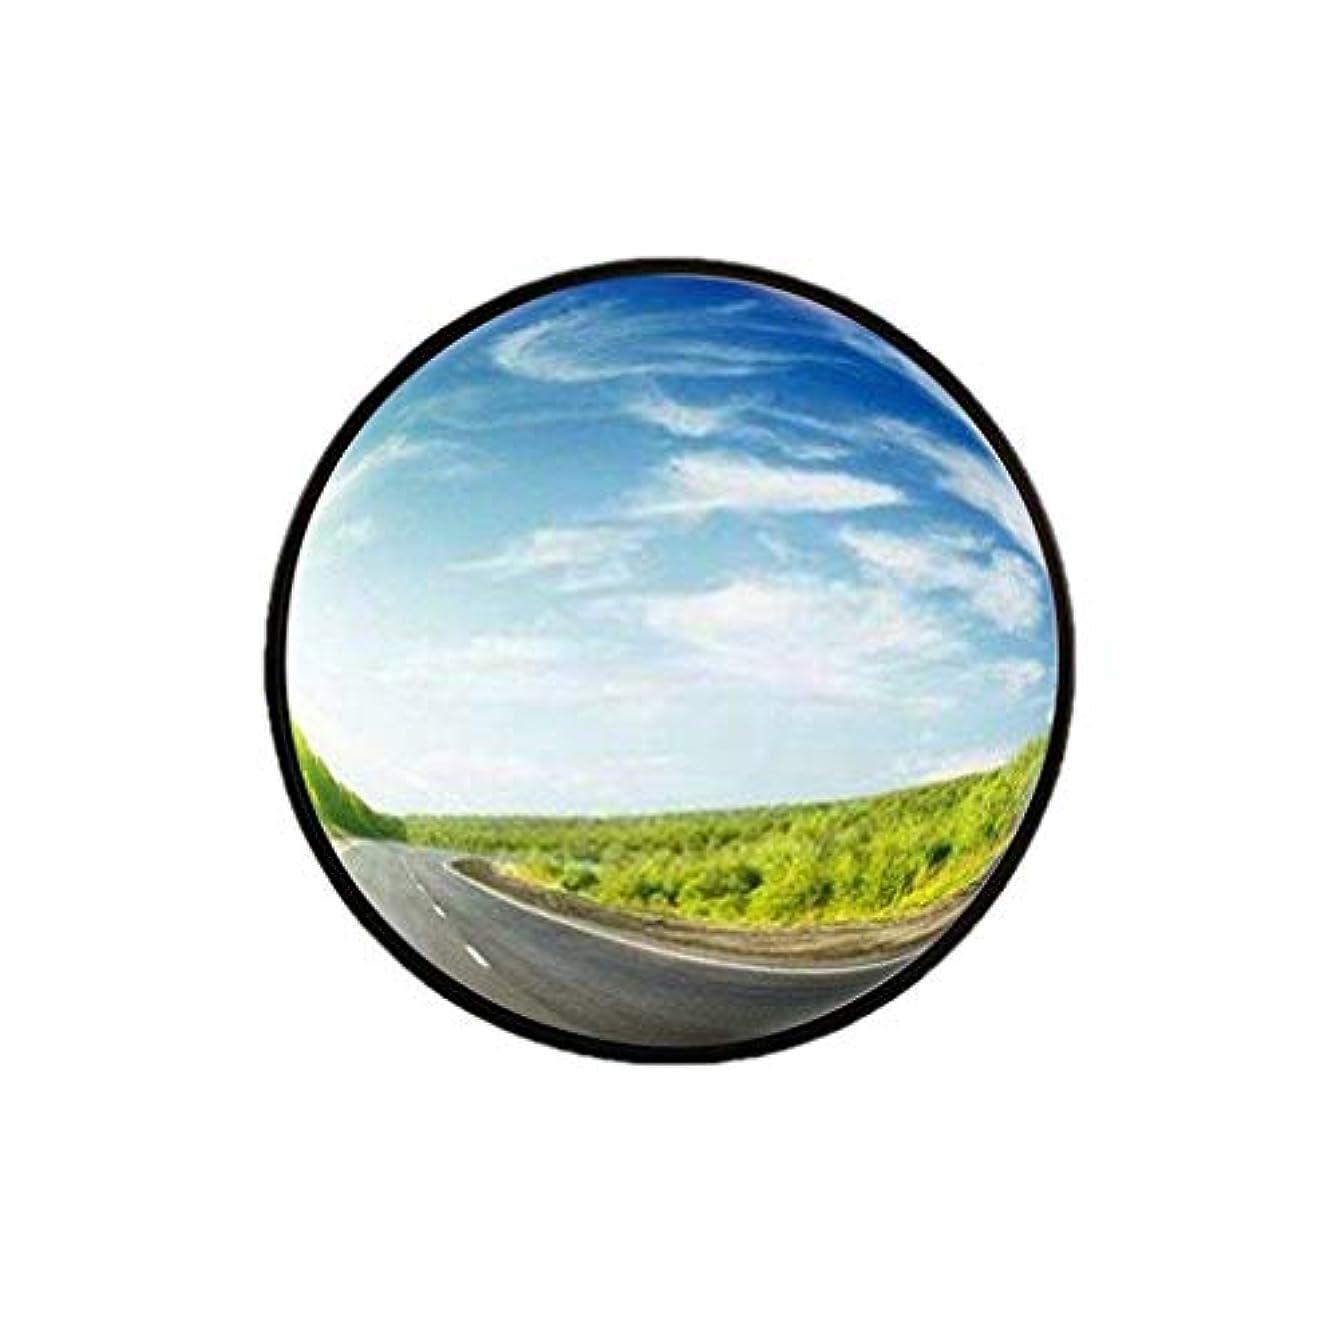 動作キネマティクス好意-Safety Mirrors室内盗難防止ミラー、小型プラスチック広角レンズブラックポータブル凸面鏡オフィスウェアハウスブラインドスポットミラー30-60CM(サイズ:45CM)